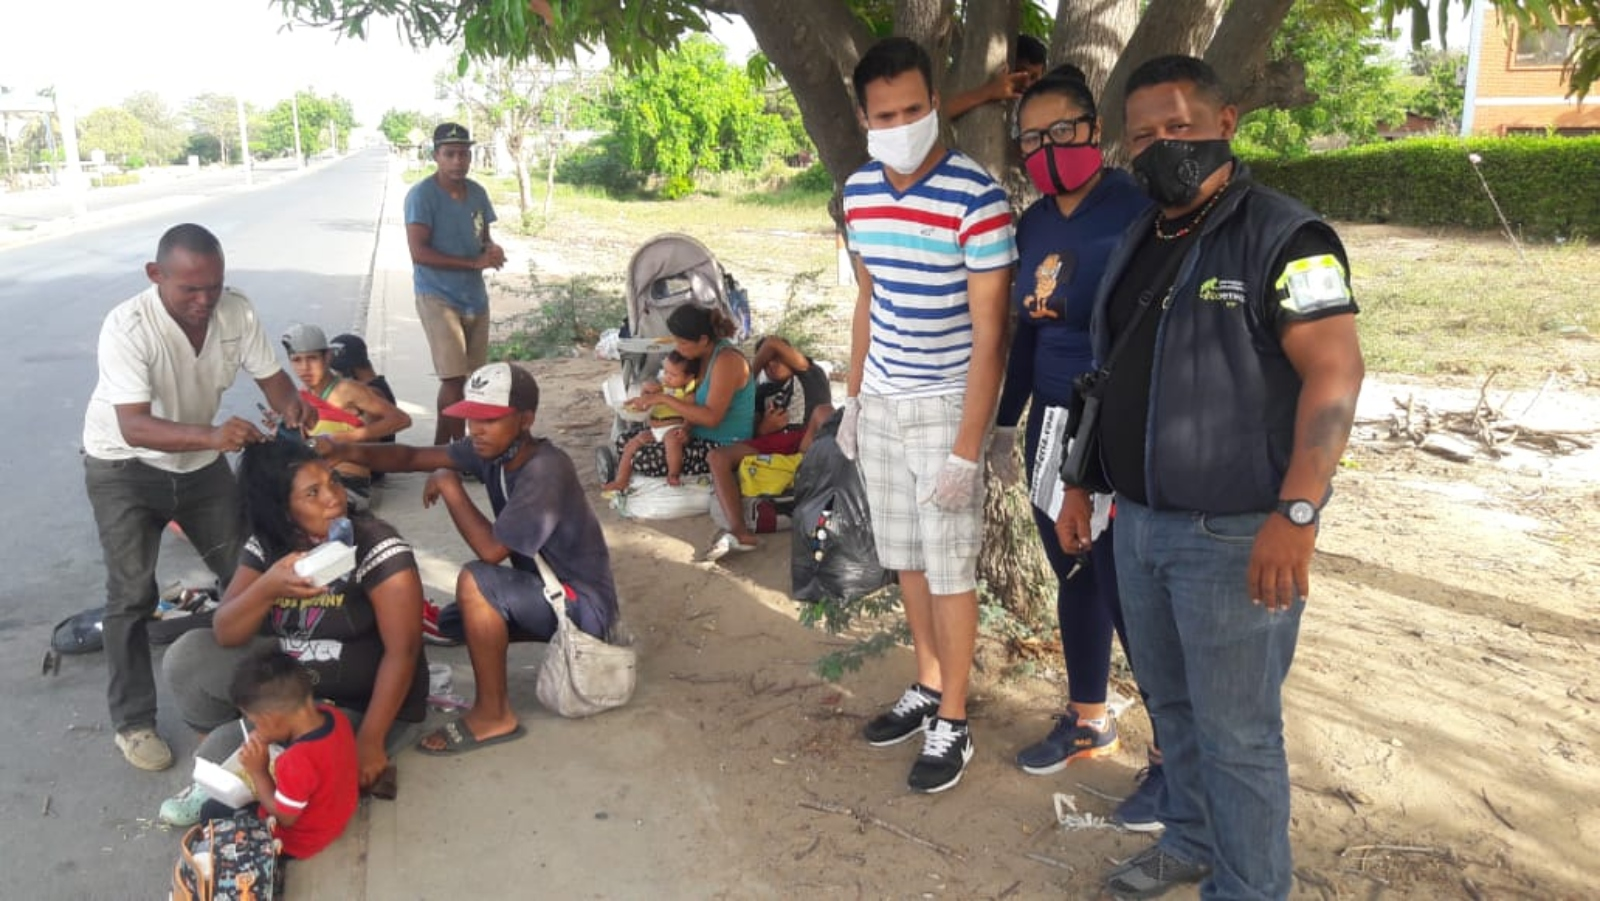 Entre el intenso calor y alto peligro, caminantes venezolanos retornan por La Guajira